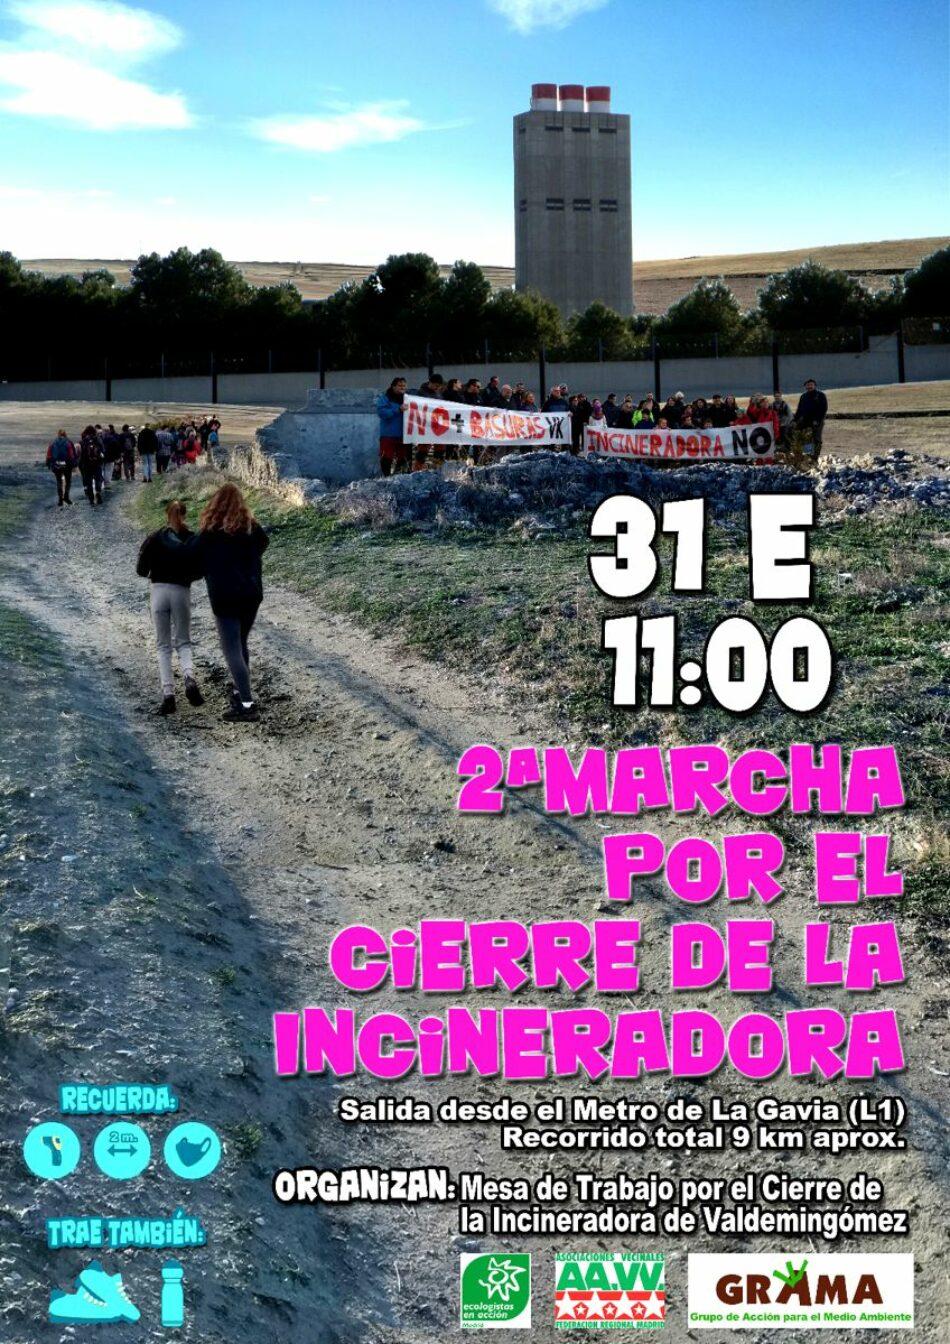 9 kilómetros de marcha para pedir el cierre de la incineradora de Valdemingómez